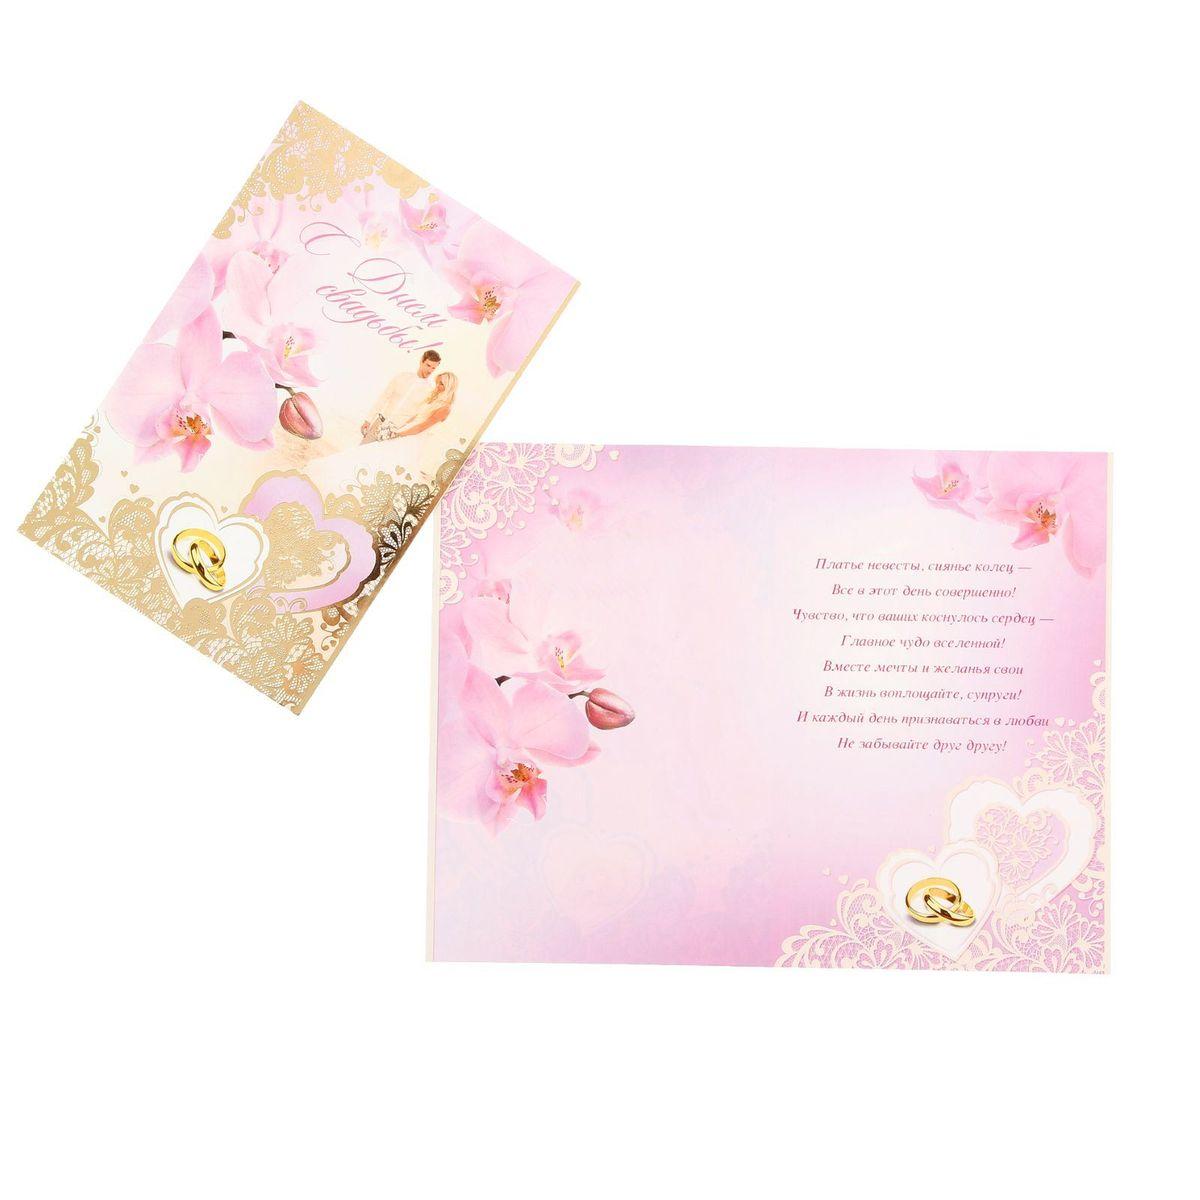 Открытка Мир открыток С Днем свадьбы! Розовые орхидеи1197941Если вы хотите порадовать себя или близких, создать праздничное настроение и с улыбкой провести памятный день, то вы, несомненно, сделали правильный выбор! Открытка Мир открыток С Днем свадьбы! Розовые орхидеи, выполненная из картона, отличается не только оригинальным дизайном, но и высоким качеством. Лицевая сторона изделия оформлена красивым изображением розовых орхидей, молодоженов и колеца также дополнена тиснением фольгой. Внутри открытка содержит текст с поздравлением. Такая открытка непременно порадует получателя и станет отличным напоминанием о проведенном вместе времени.